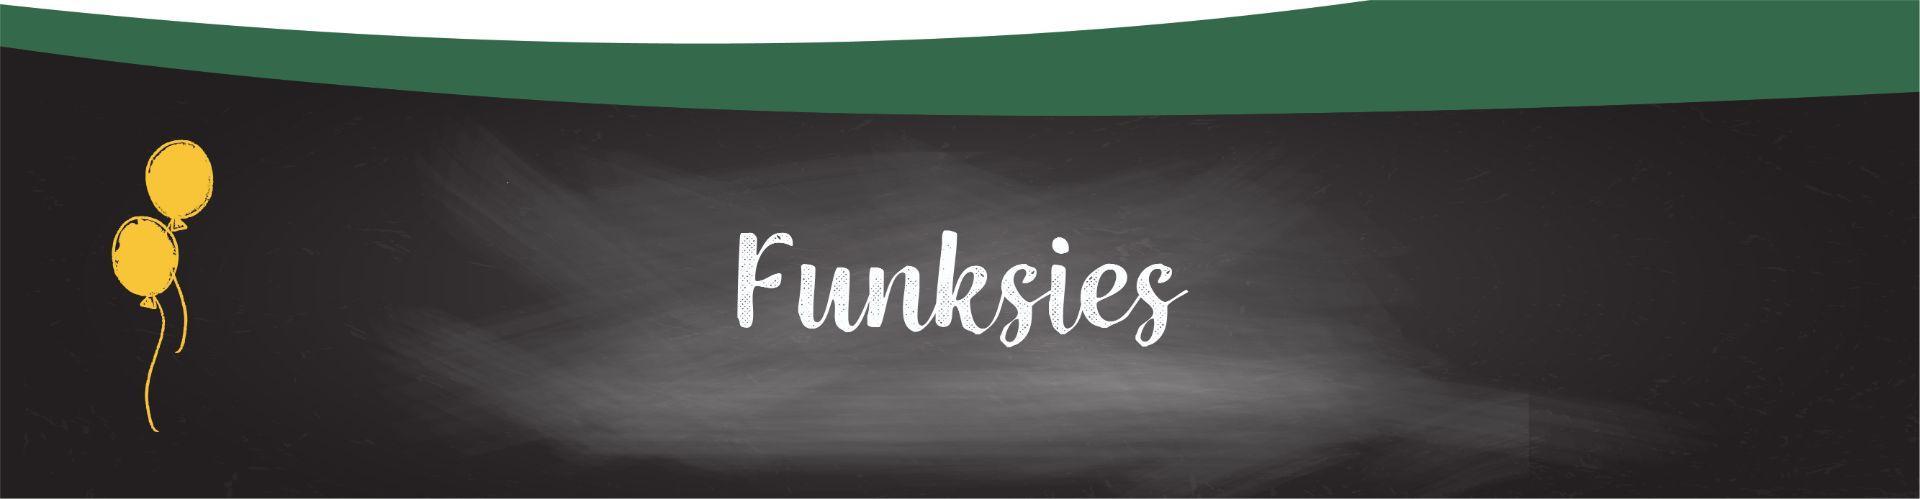 funksies-48.jpg